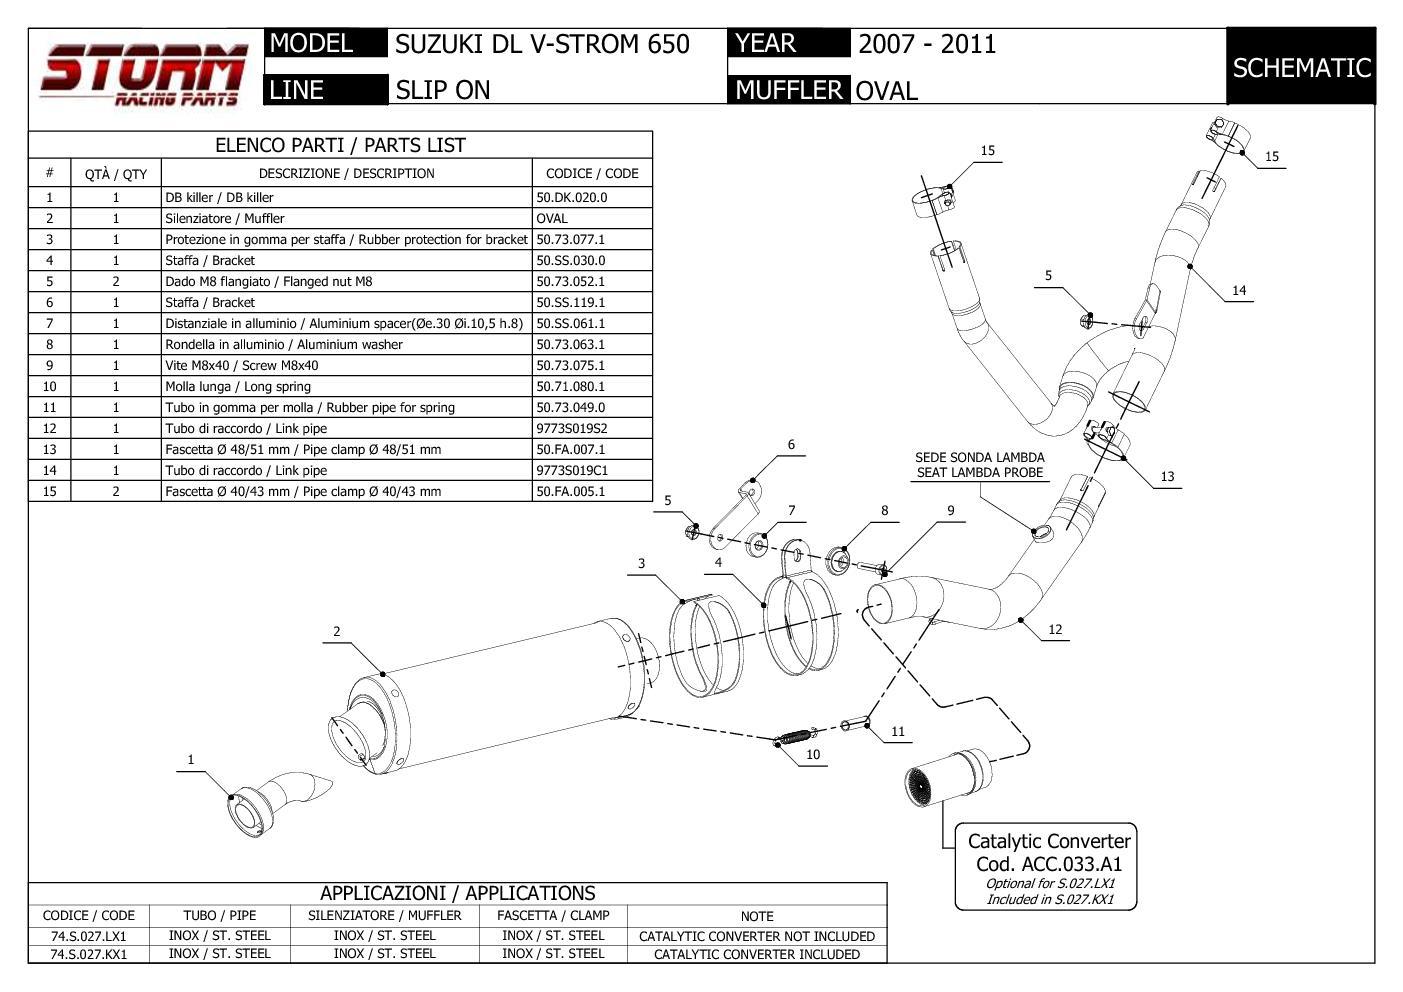 74.S.027.KX1B Catalyzed Exhaust Storm by Mivv Oval Black Inox Suzuki Dl V-strom 650 2007 > 2011